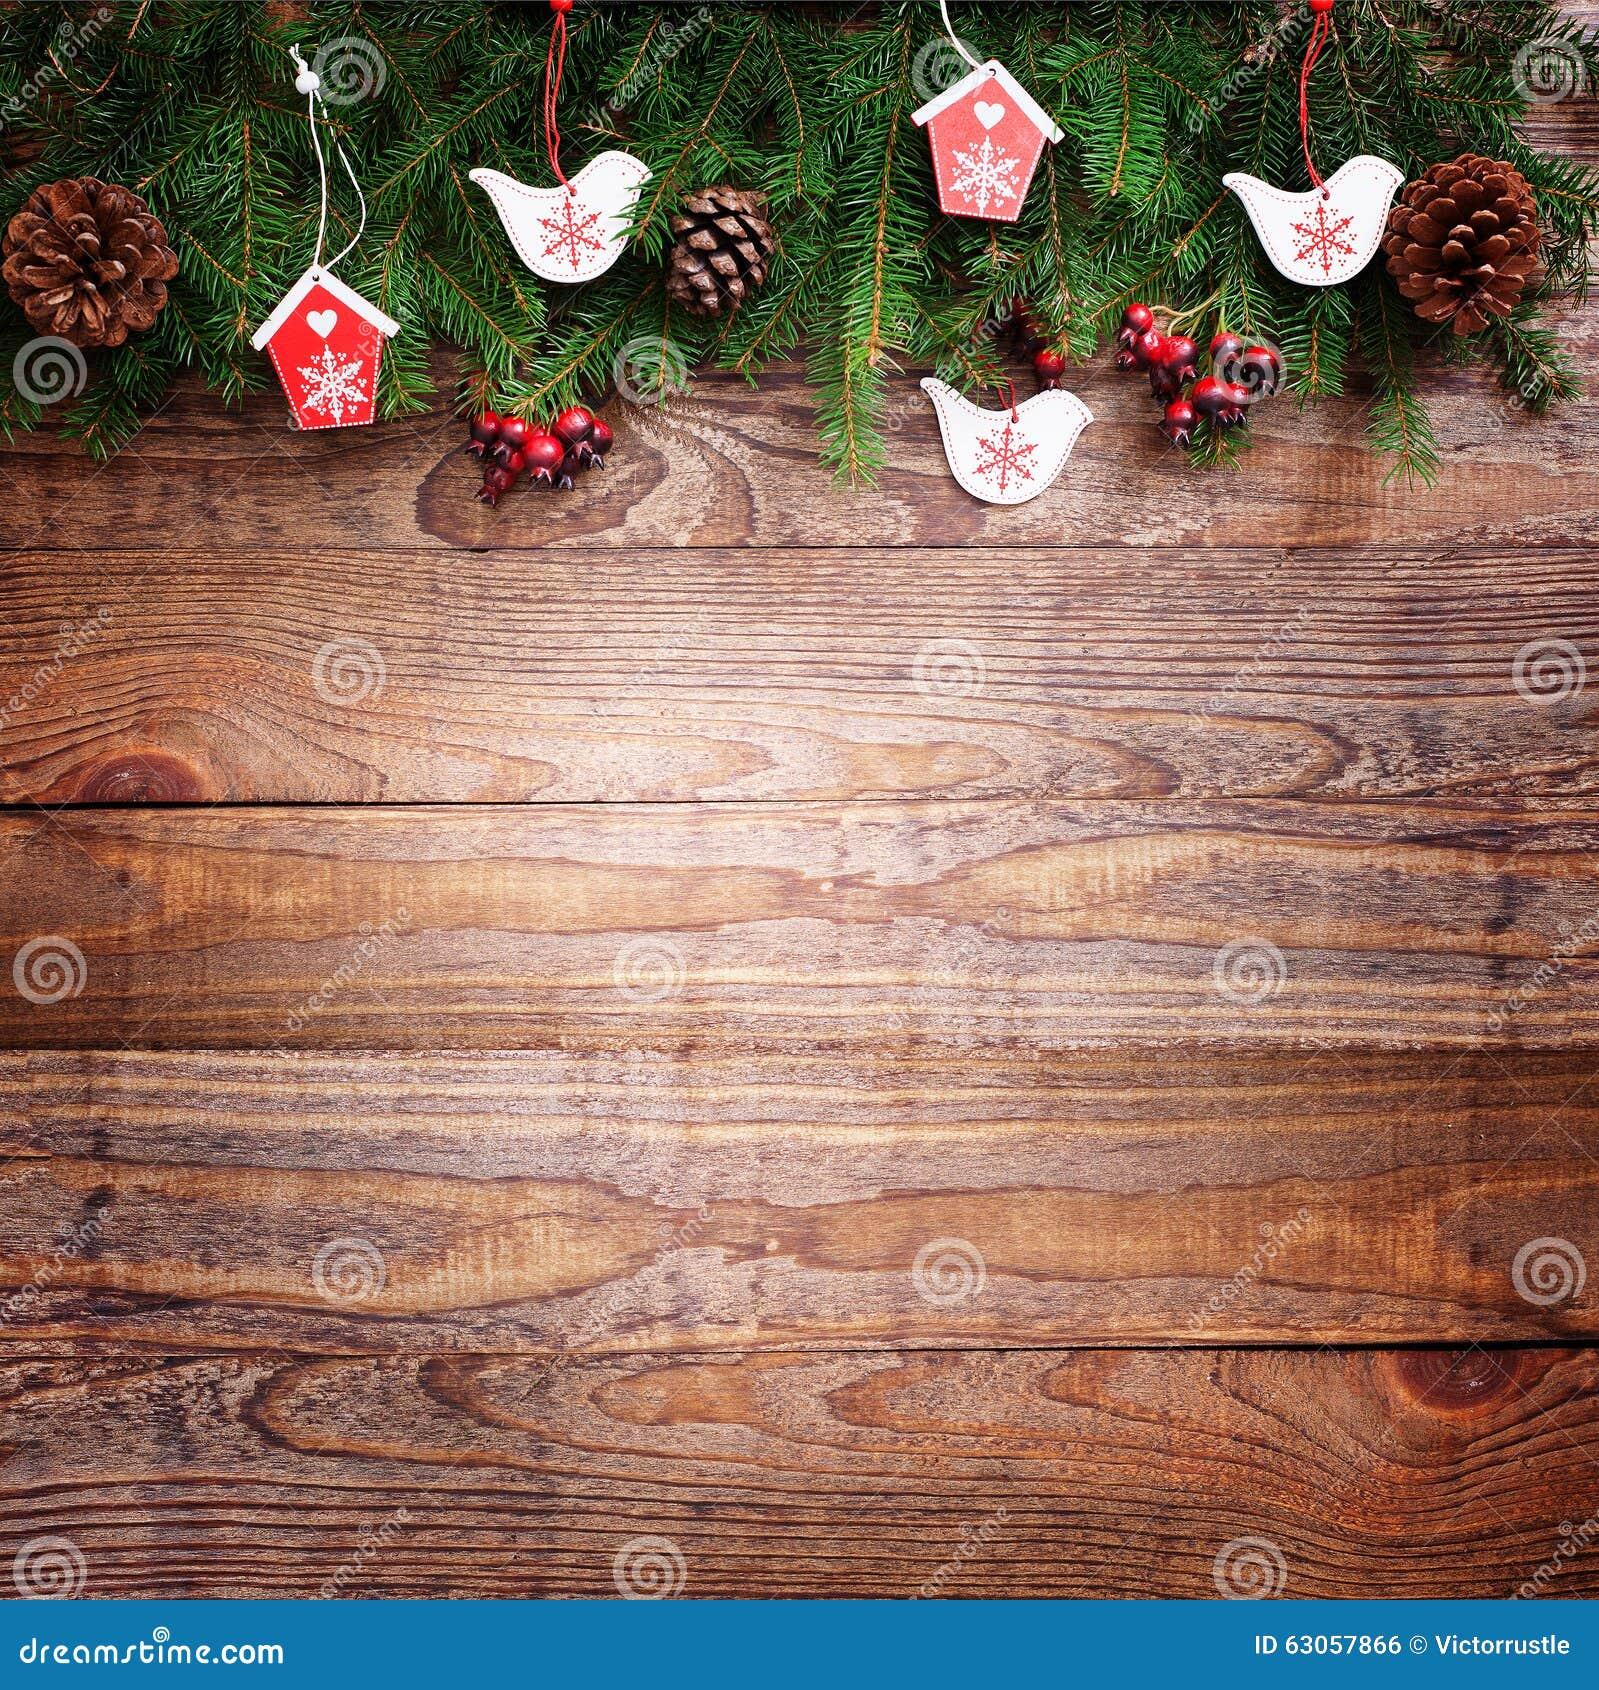 Decoraci n de la navidad sobre fondo de madera vintage de - Decoracion navidad vintage ...